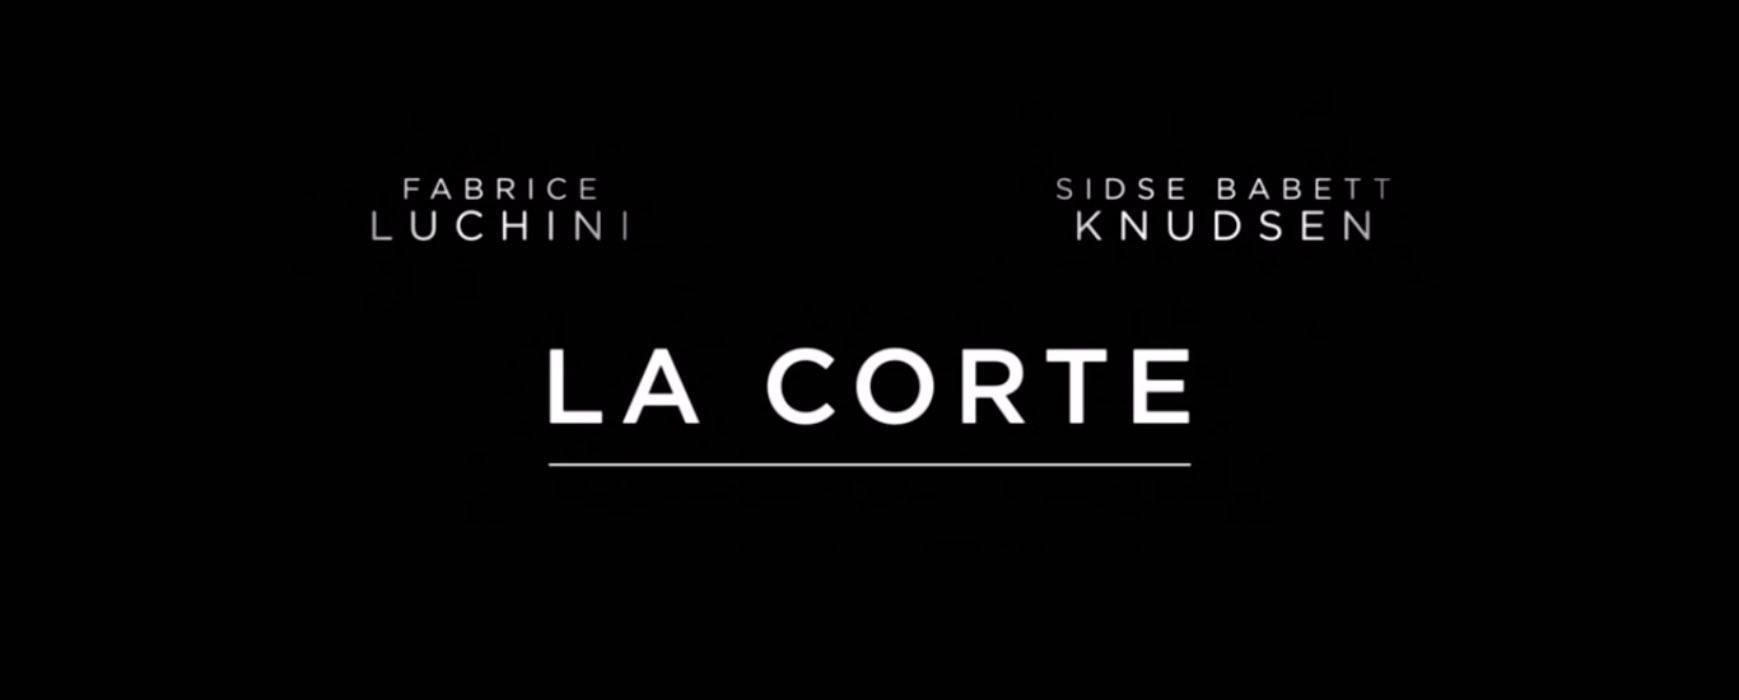 La corte (L'Hermine): info, trama, cast e curiosità del film su RAI 3